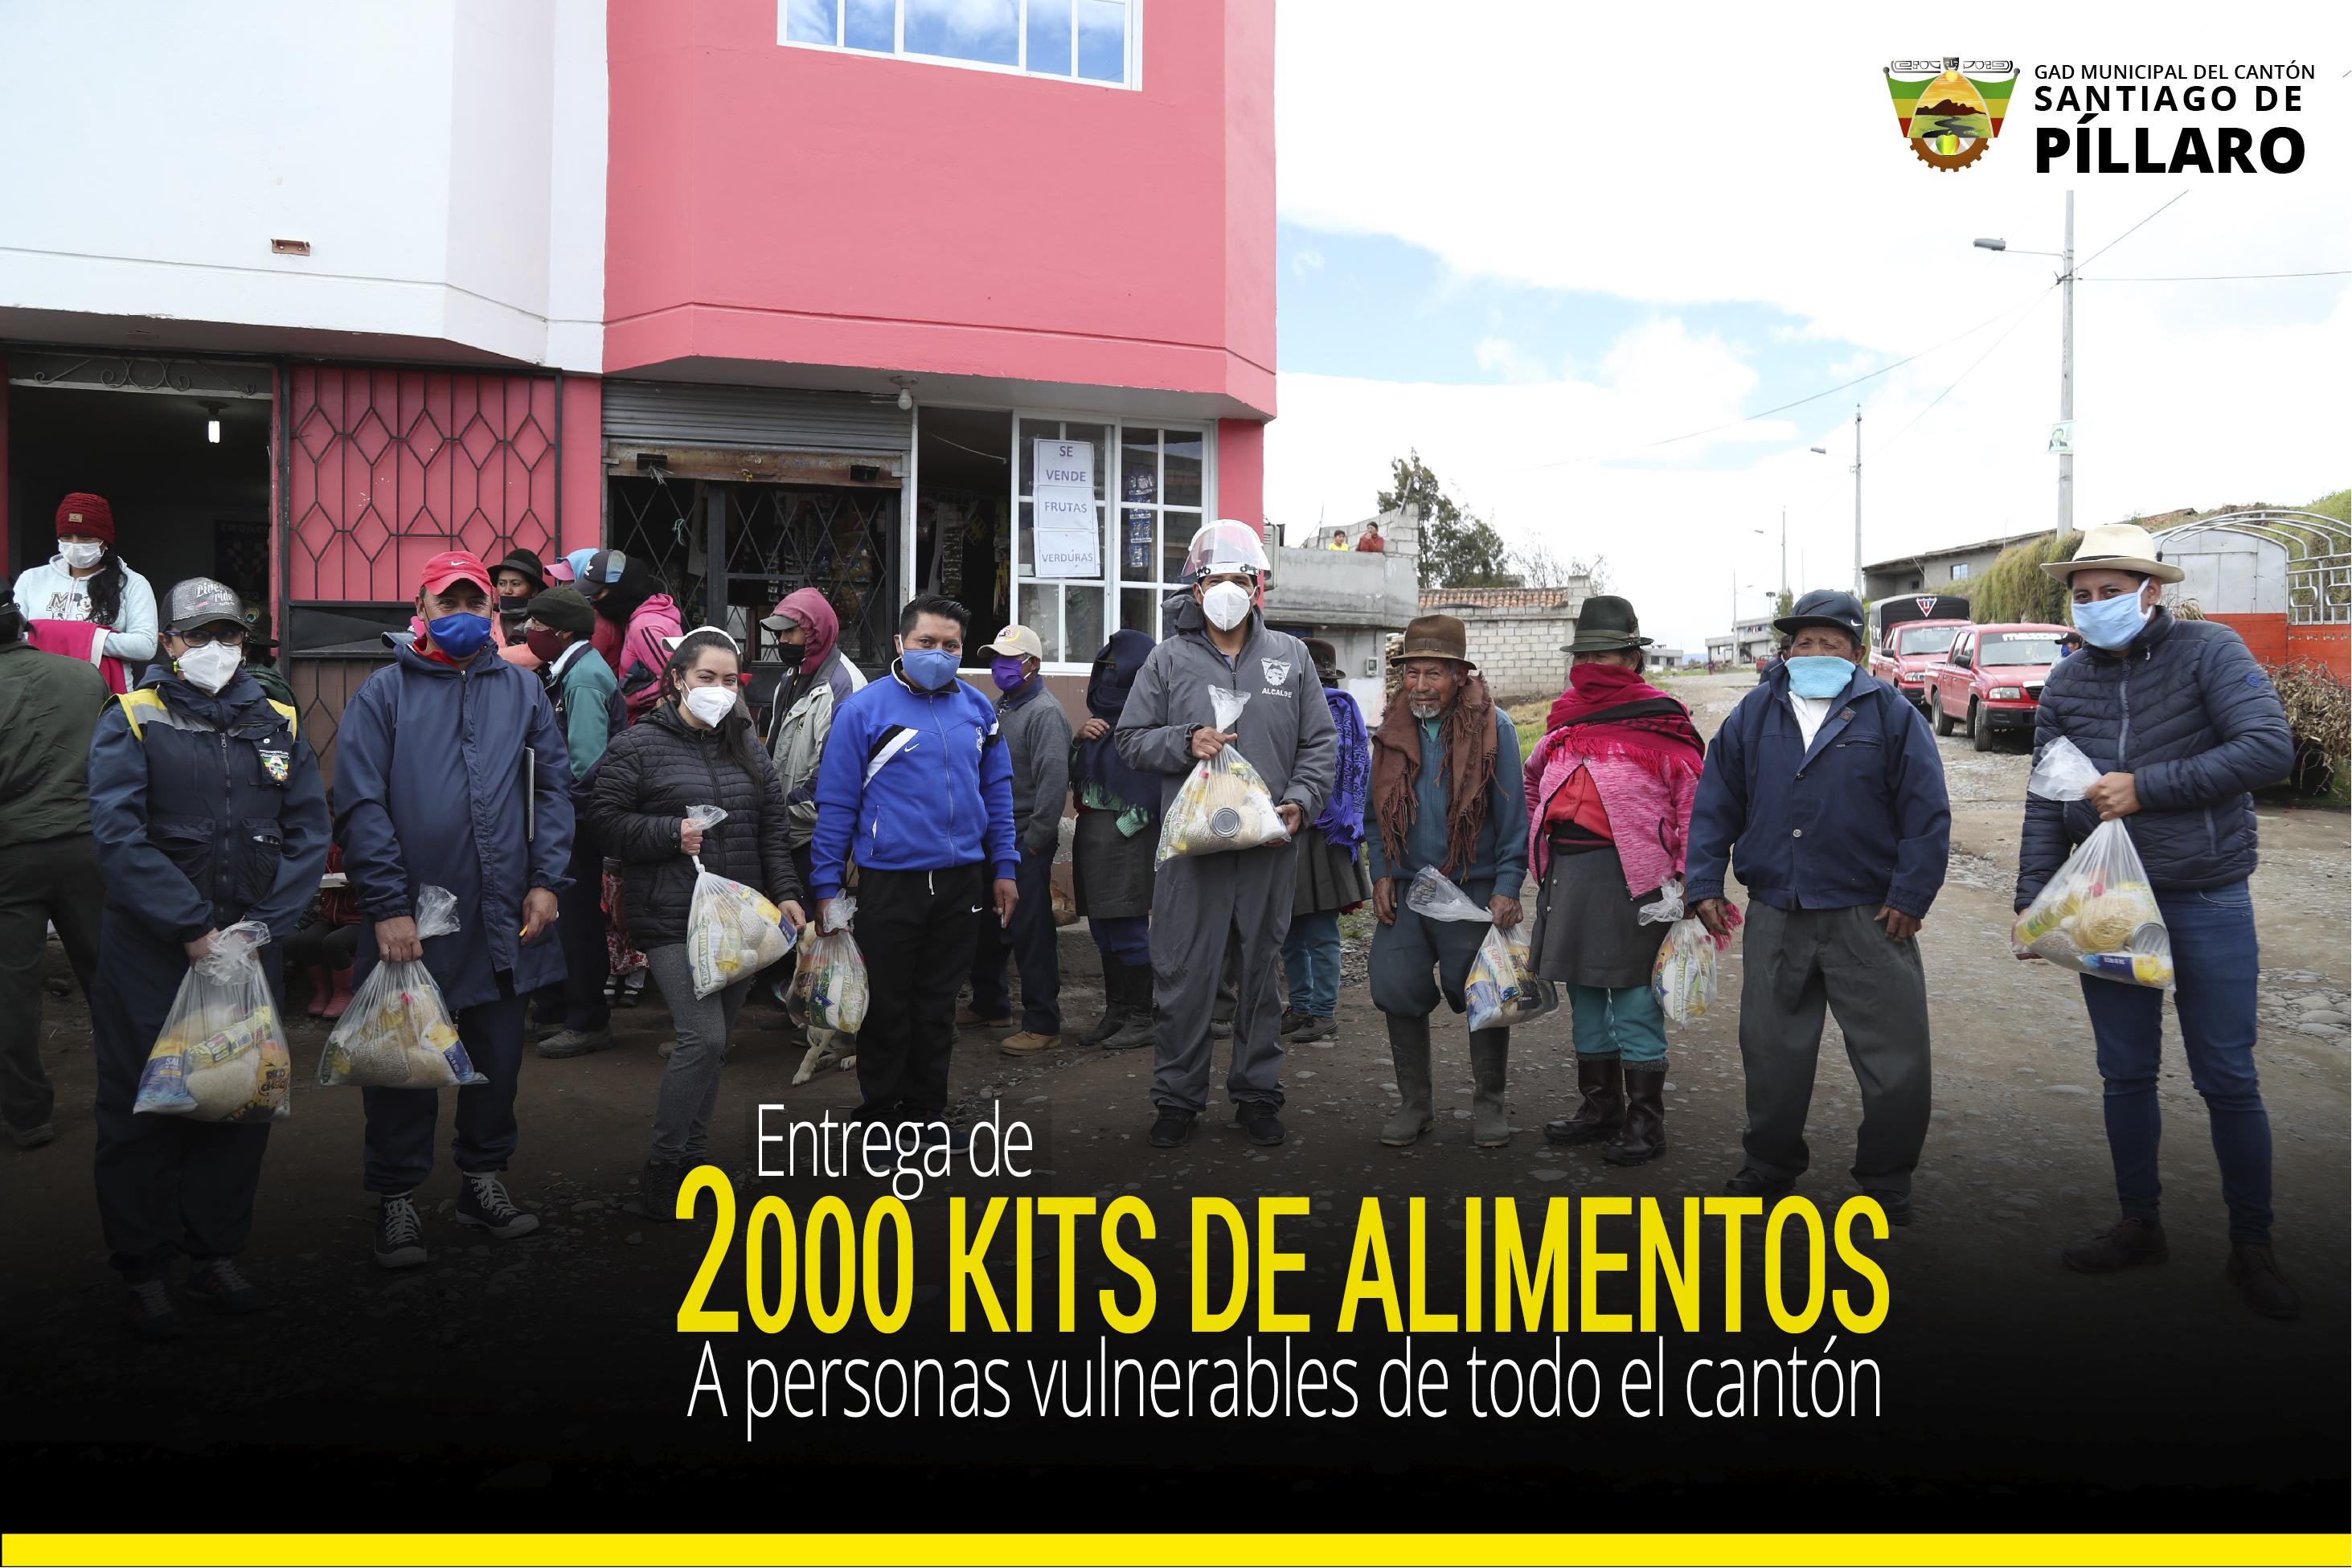 ENTREGA DE 2000 KITS DE ALIMENTOS A PERSONAS VULNERABLES